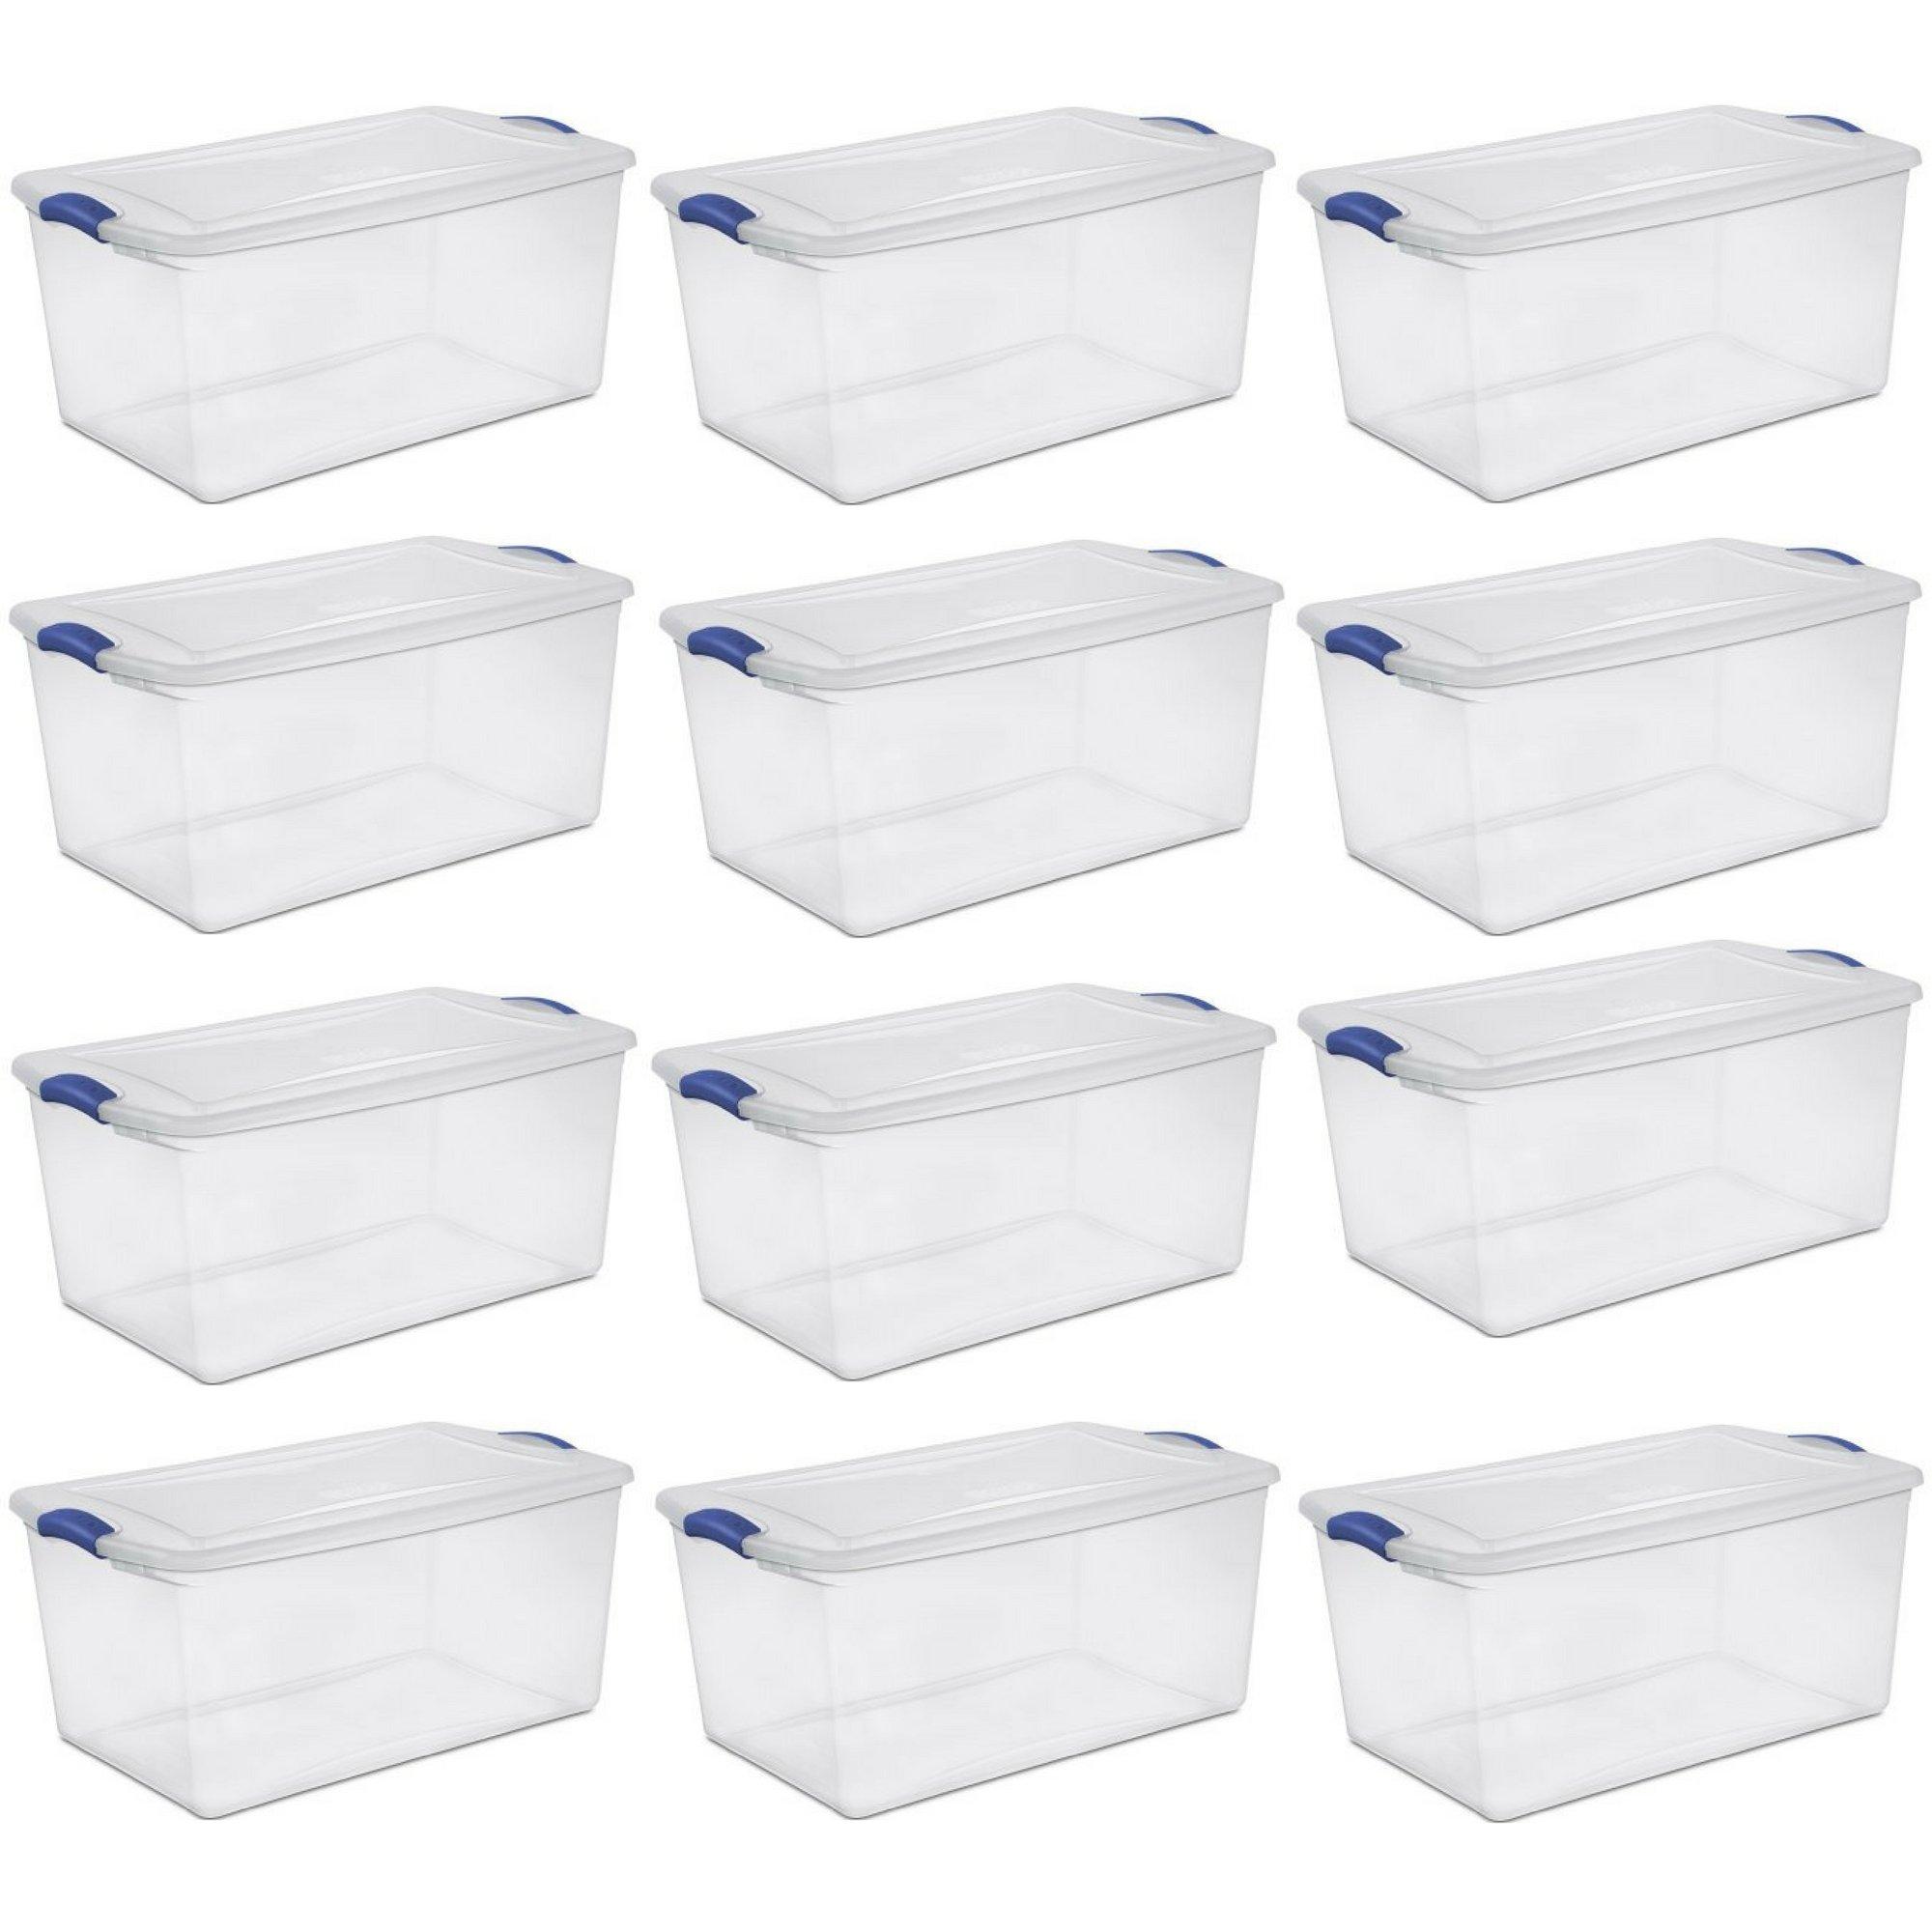 Sterilite 66 Qt./62 L Latch Box, Stadium Blue - 12 Pack